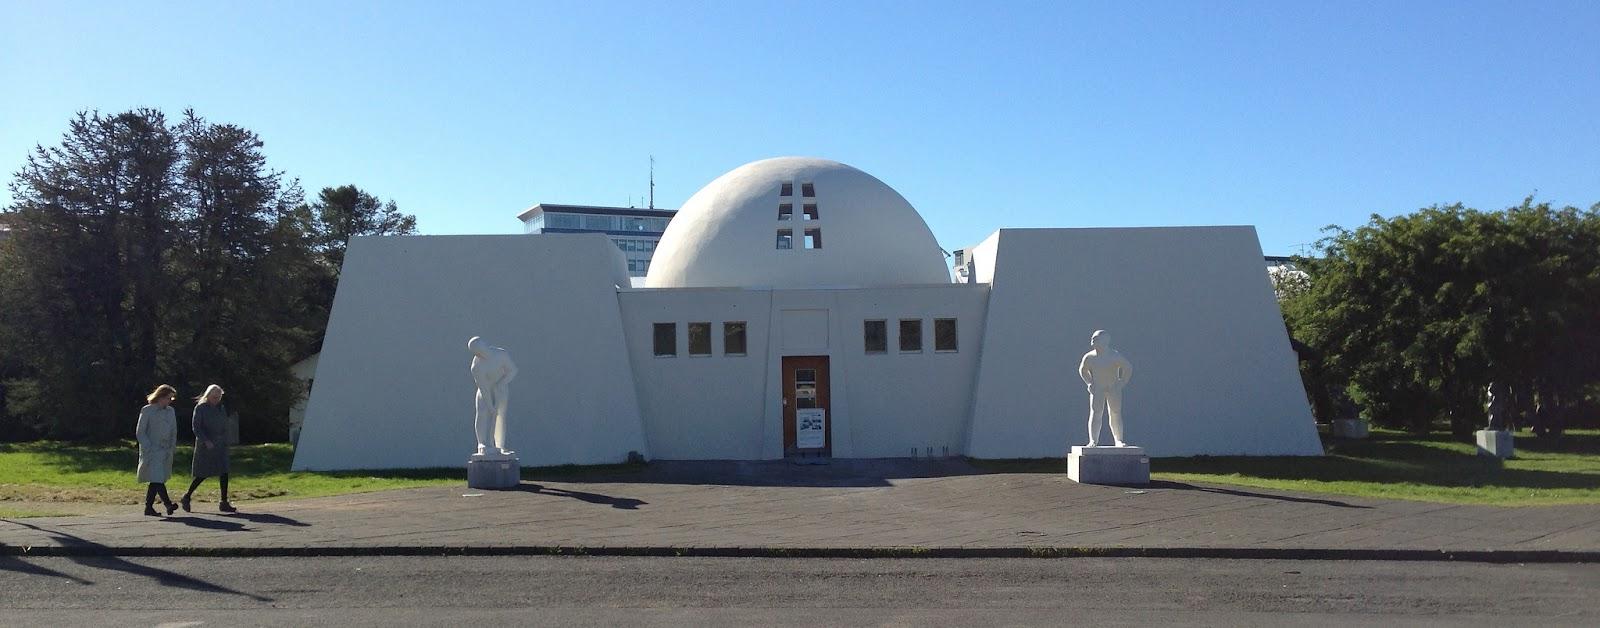 Asmundarsafn museum in Laugardalur, Reykjavik.